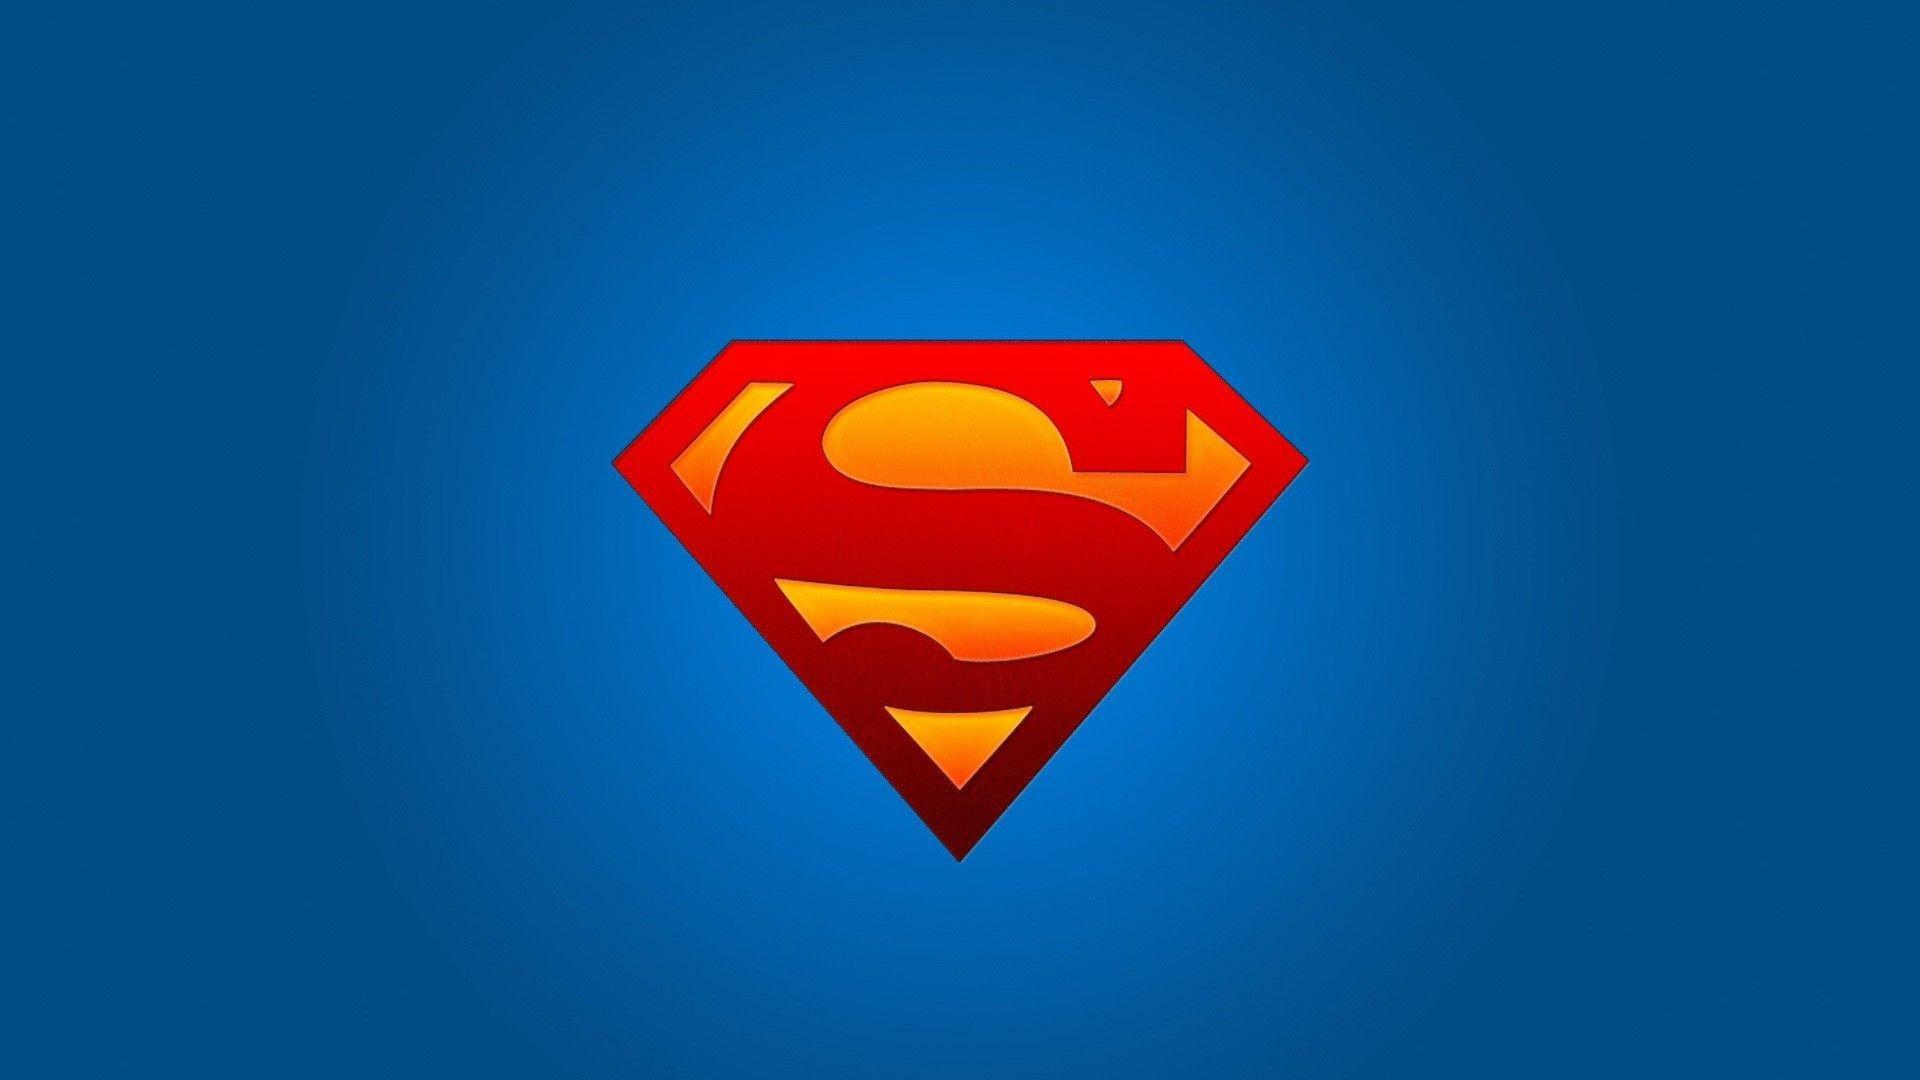 Res: 1920x1080, Superhero Logo Super Heroes Symbols Logos Hd Www Vvallpaper Net